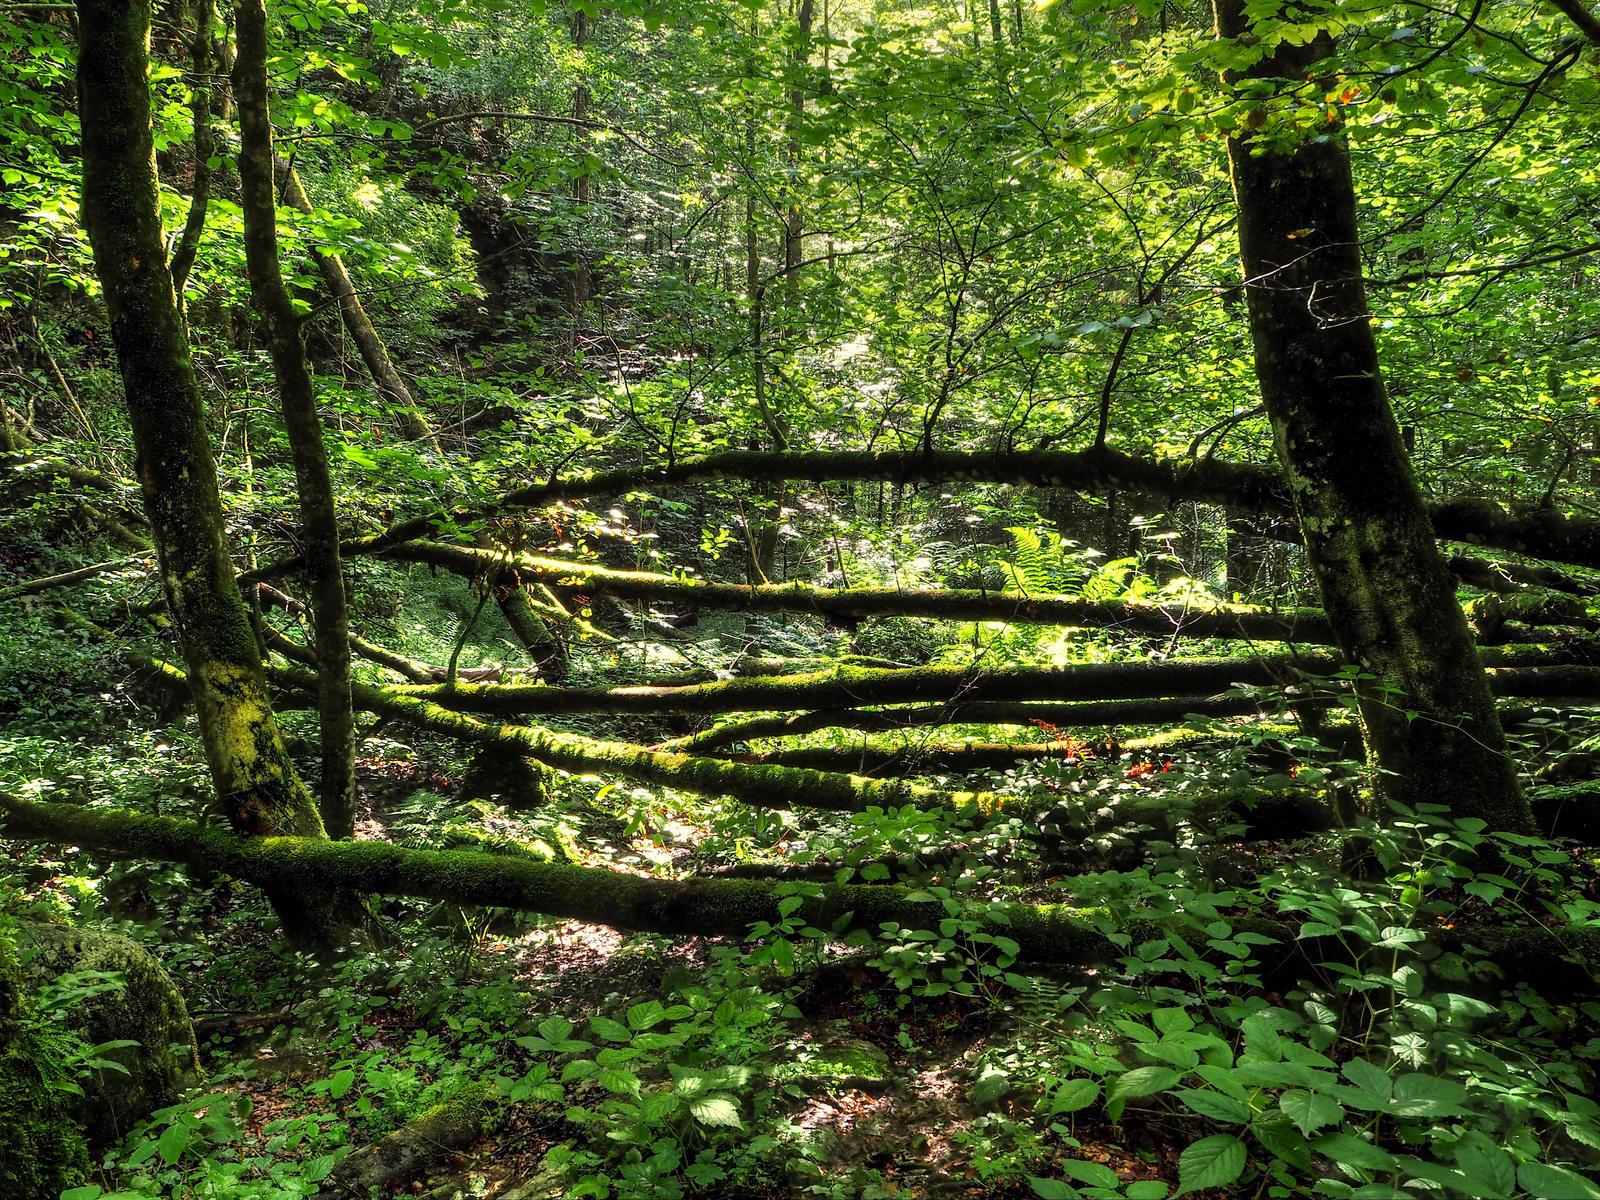 Wild Forest Background by Burtn